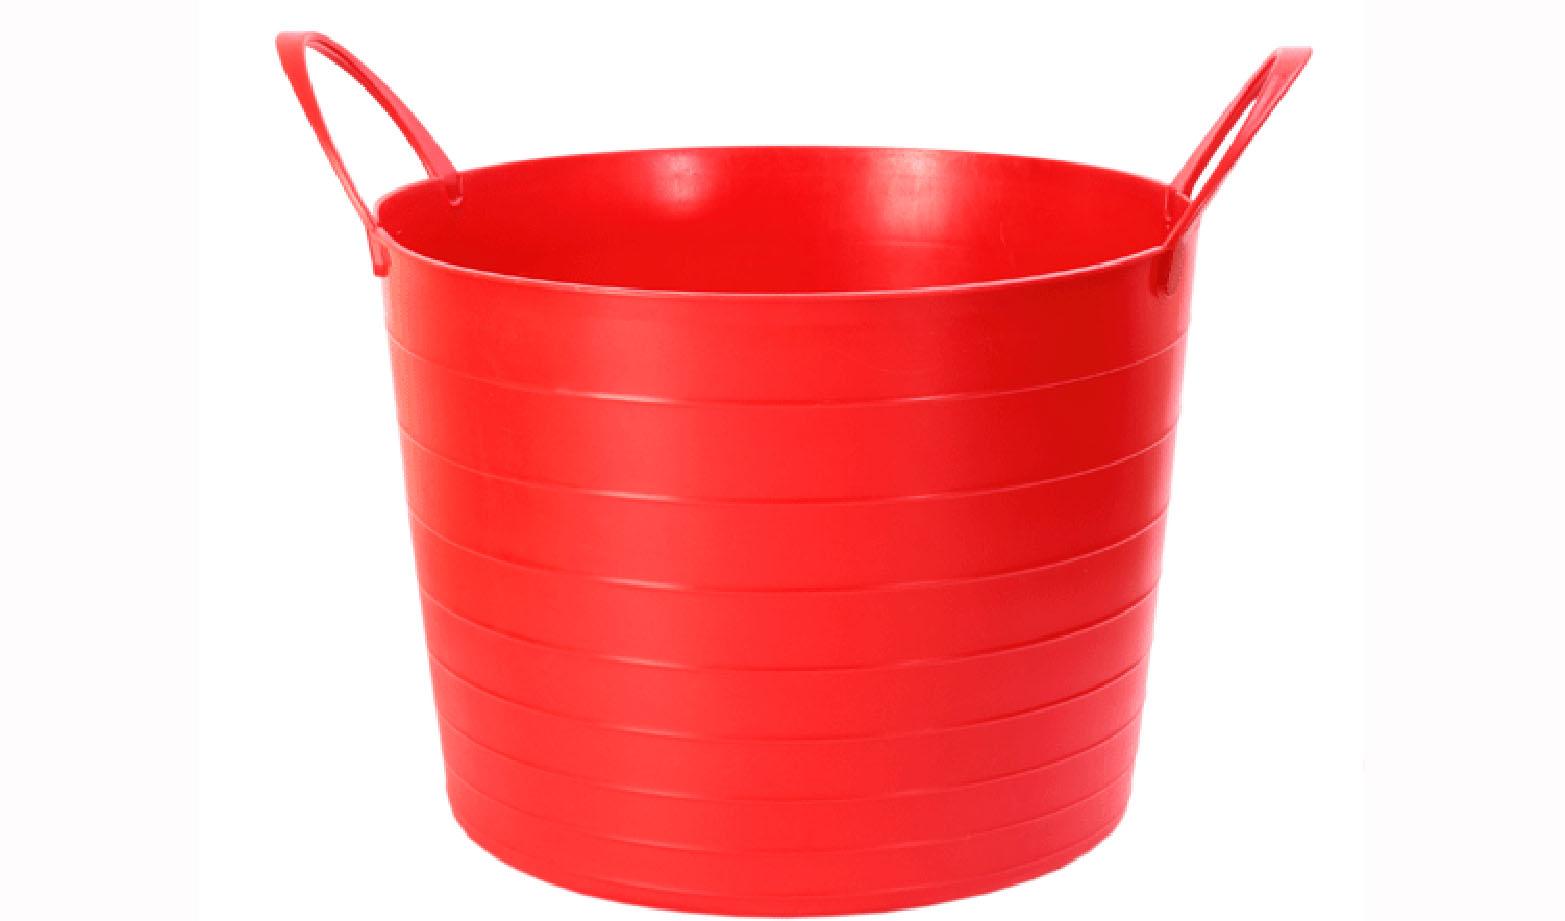 Корзина мягкая Idea, цвет: красный, 27 лPARIS 75015-8C ANTIQUEМягкая корзина Idea изготовлена из гибкого пластика, оснащена двумя удобными ручками. Внутренняя поверхность имеет отметки литража. Такой корзинке можно найти множество применений в быту: она подойдет для строительства, для сбора фруктов, овощей и грибов, для хранения бытовых предметов. Такая корзина пригодится в любом хозяйстве.